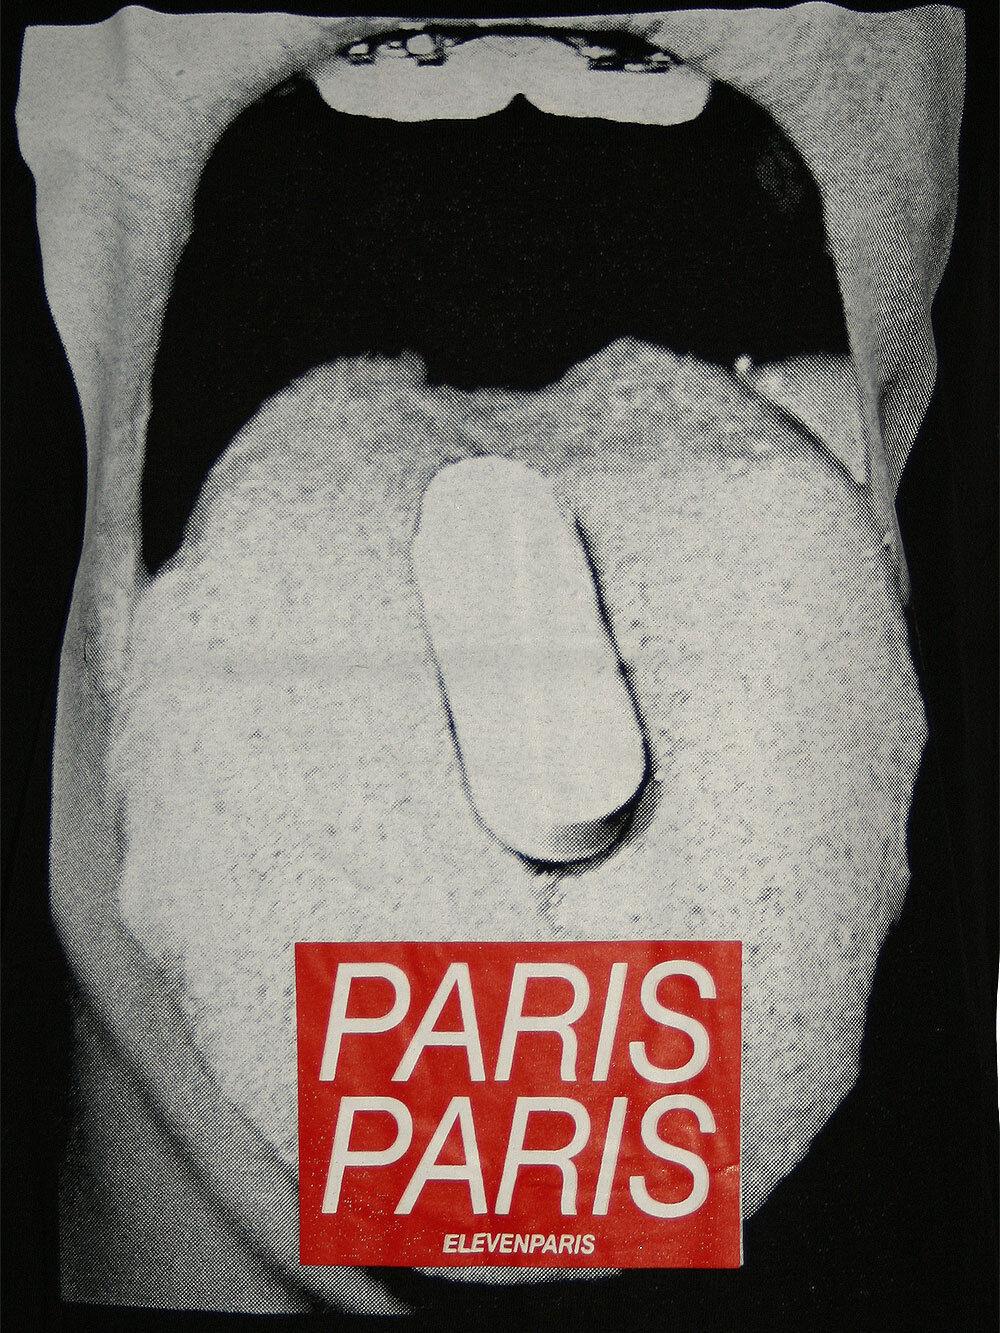 Meraviglioso Undici Parigi Parigi Parigi Donna Maglietta Top   Cachet   in Nero ff324c